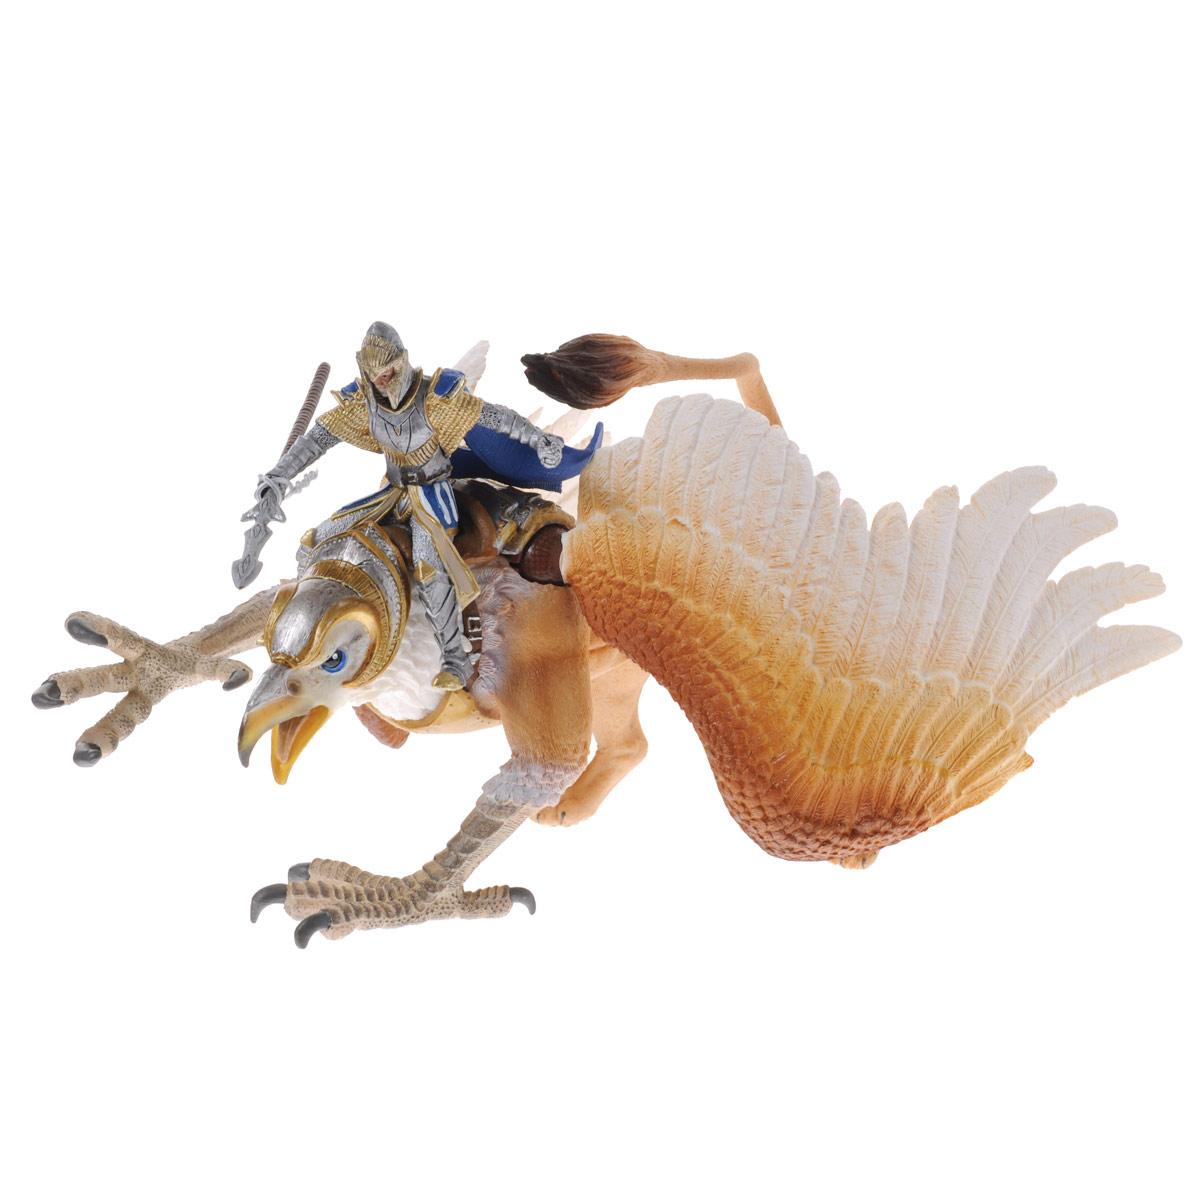 Фигурка Schleich Всадник на грифоне, 16 см